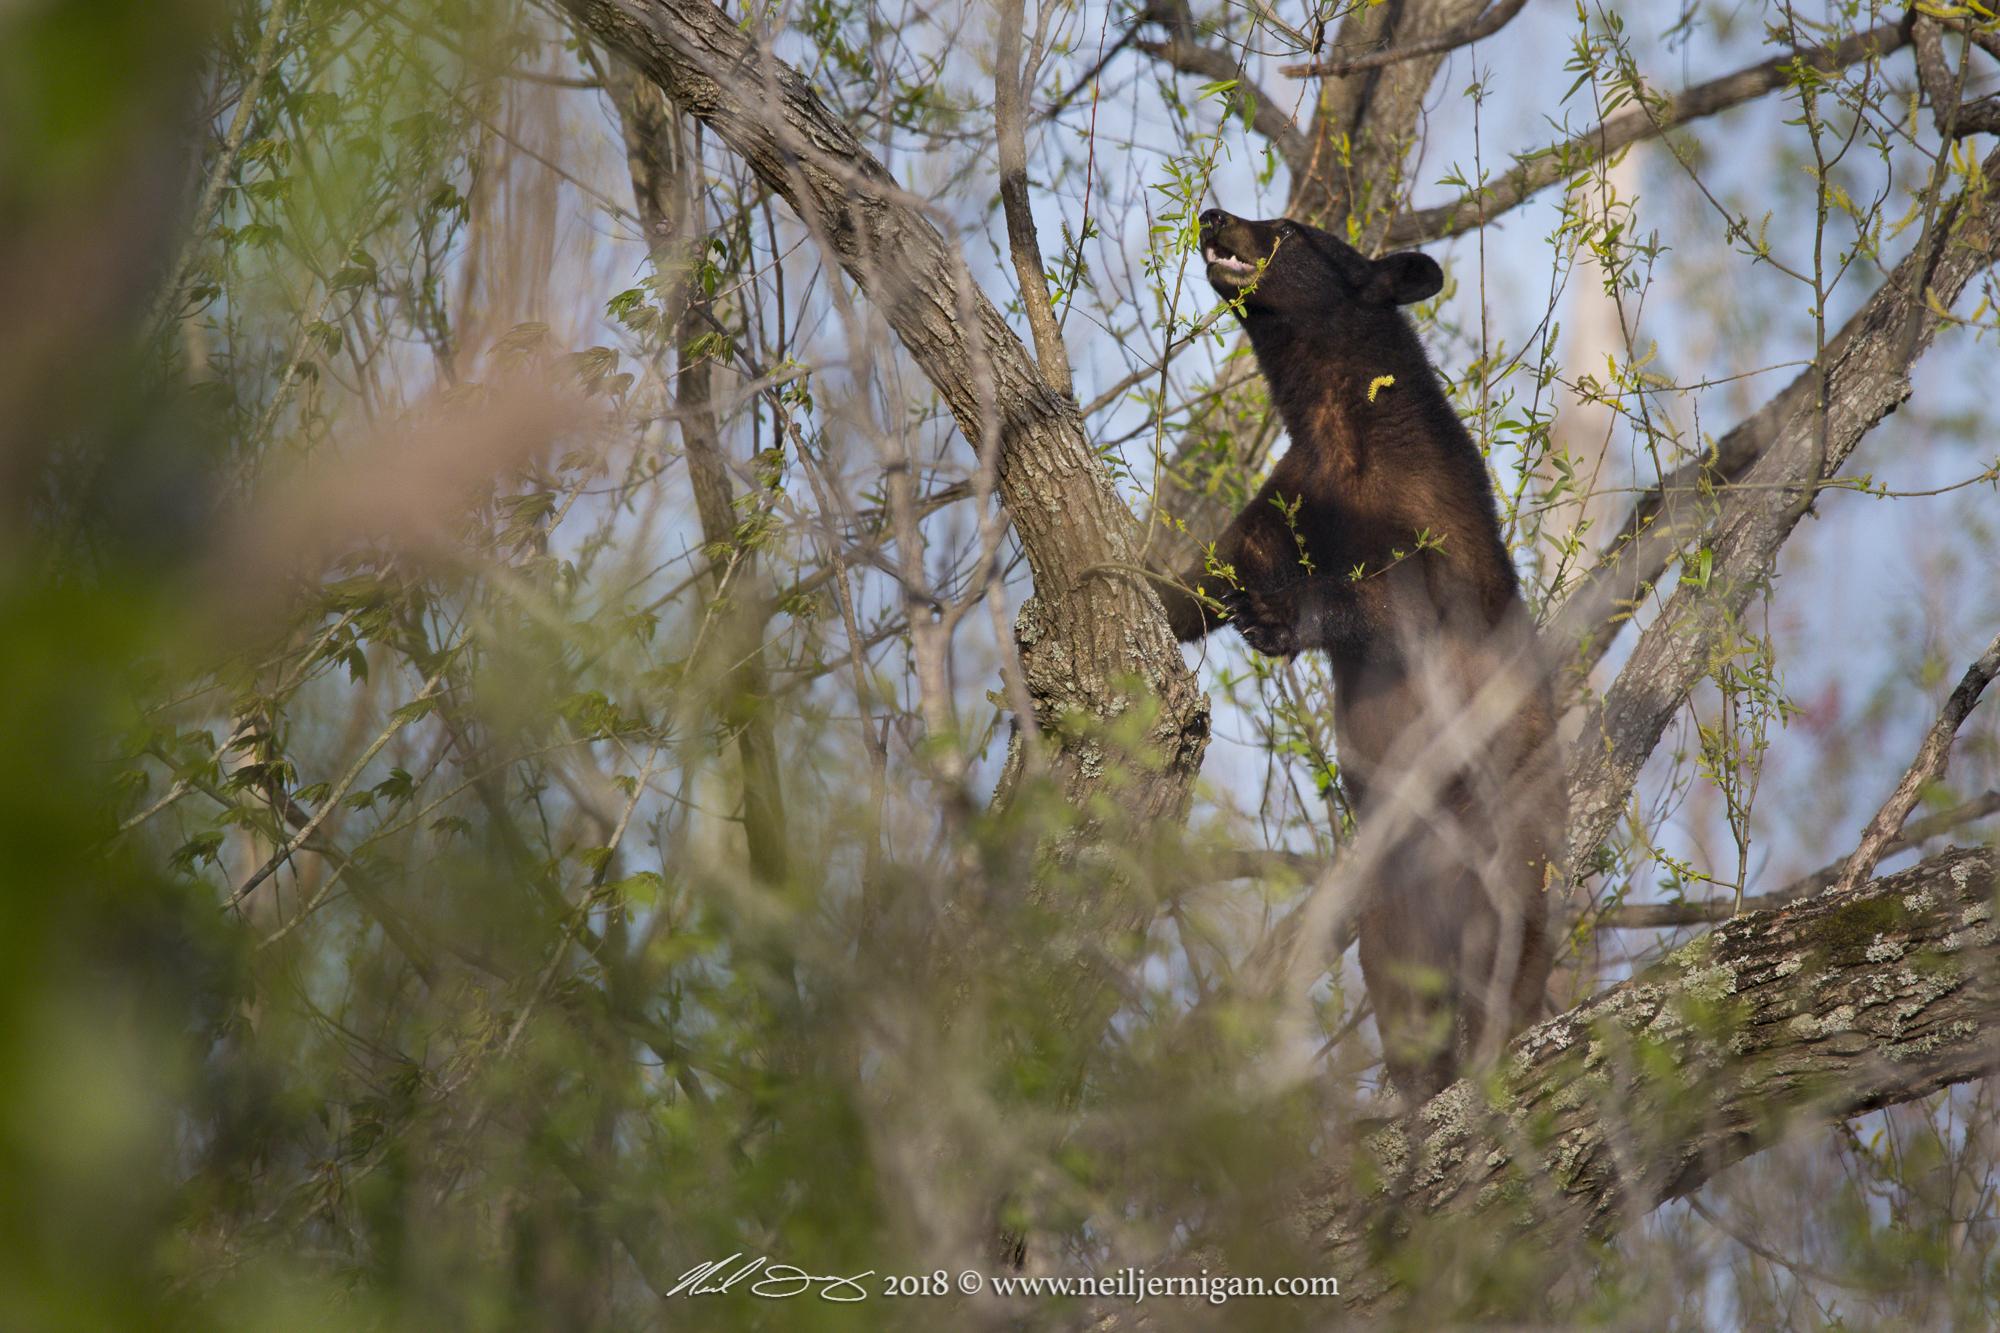 Bear forarging for fresh green leaves.